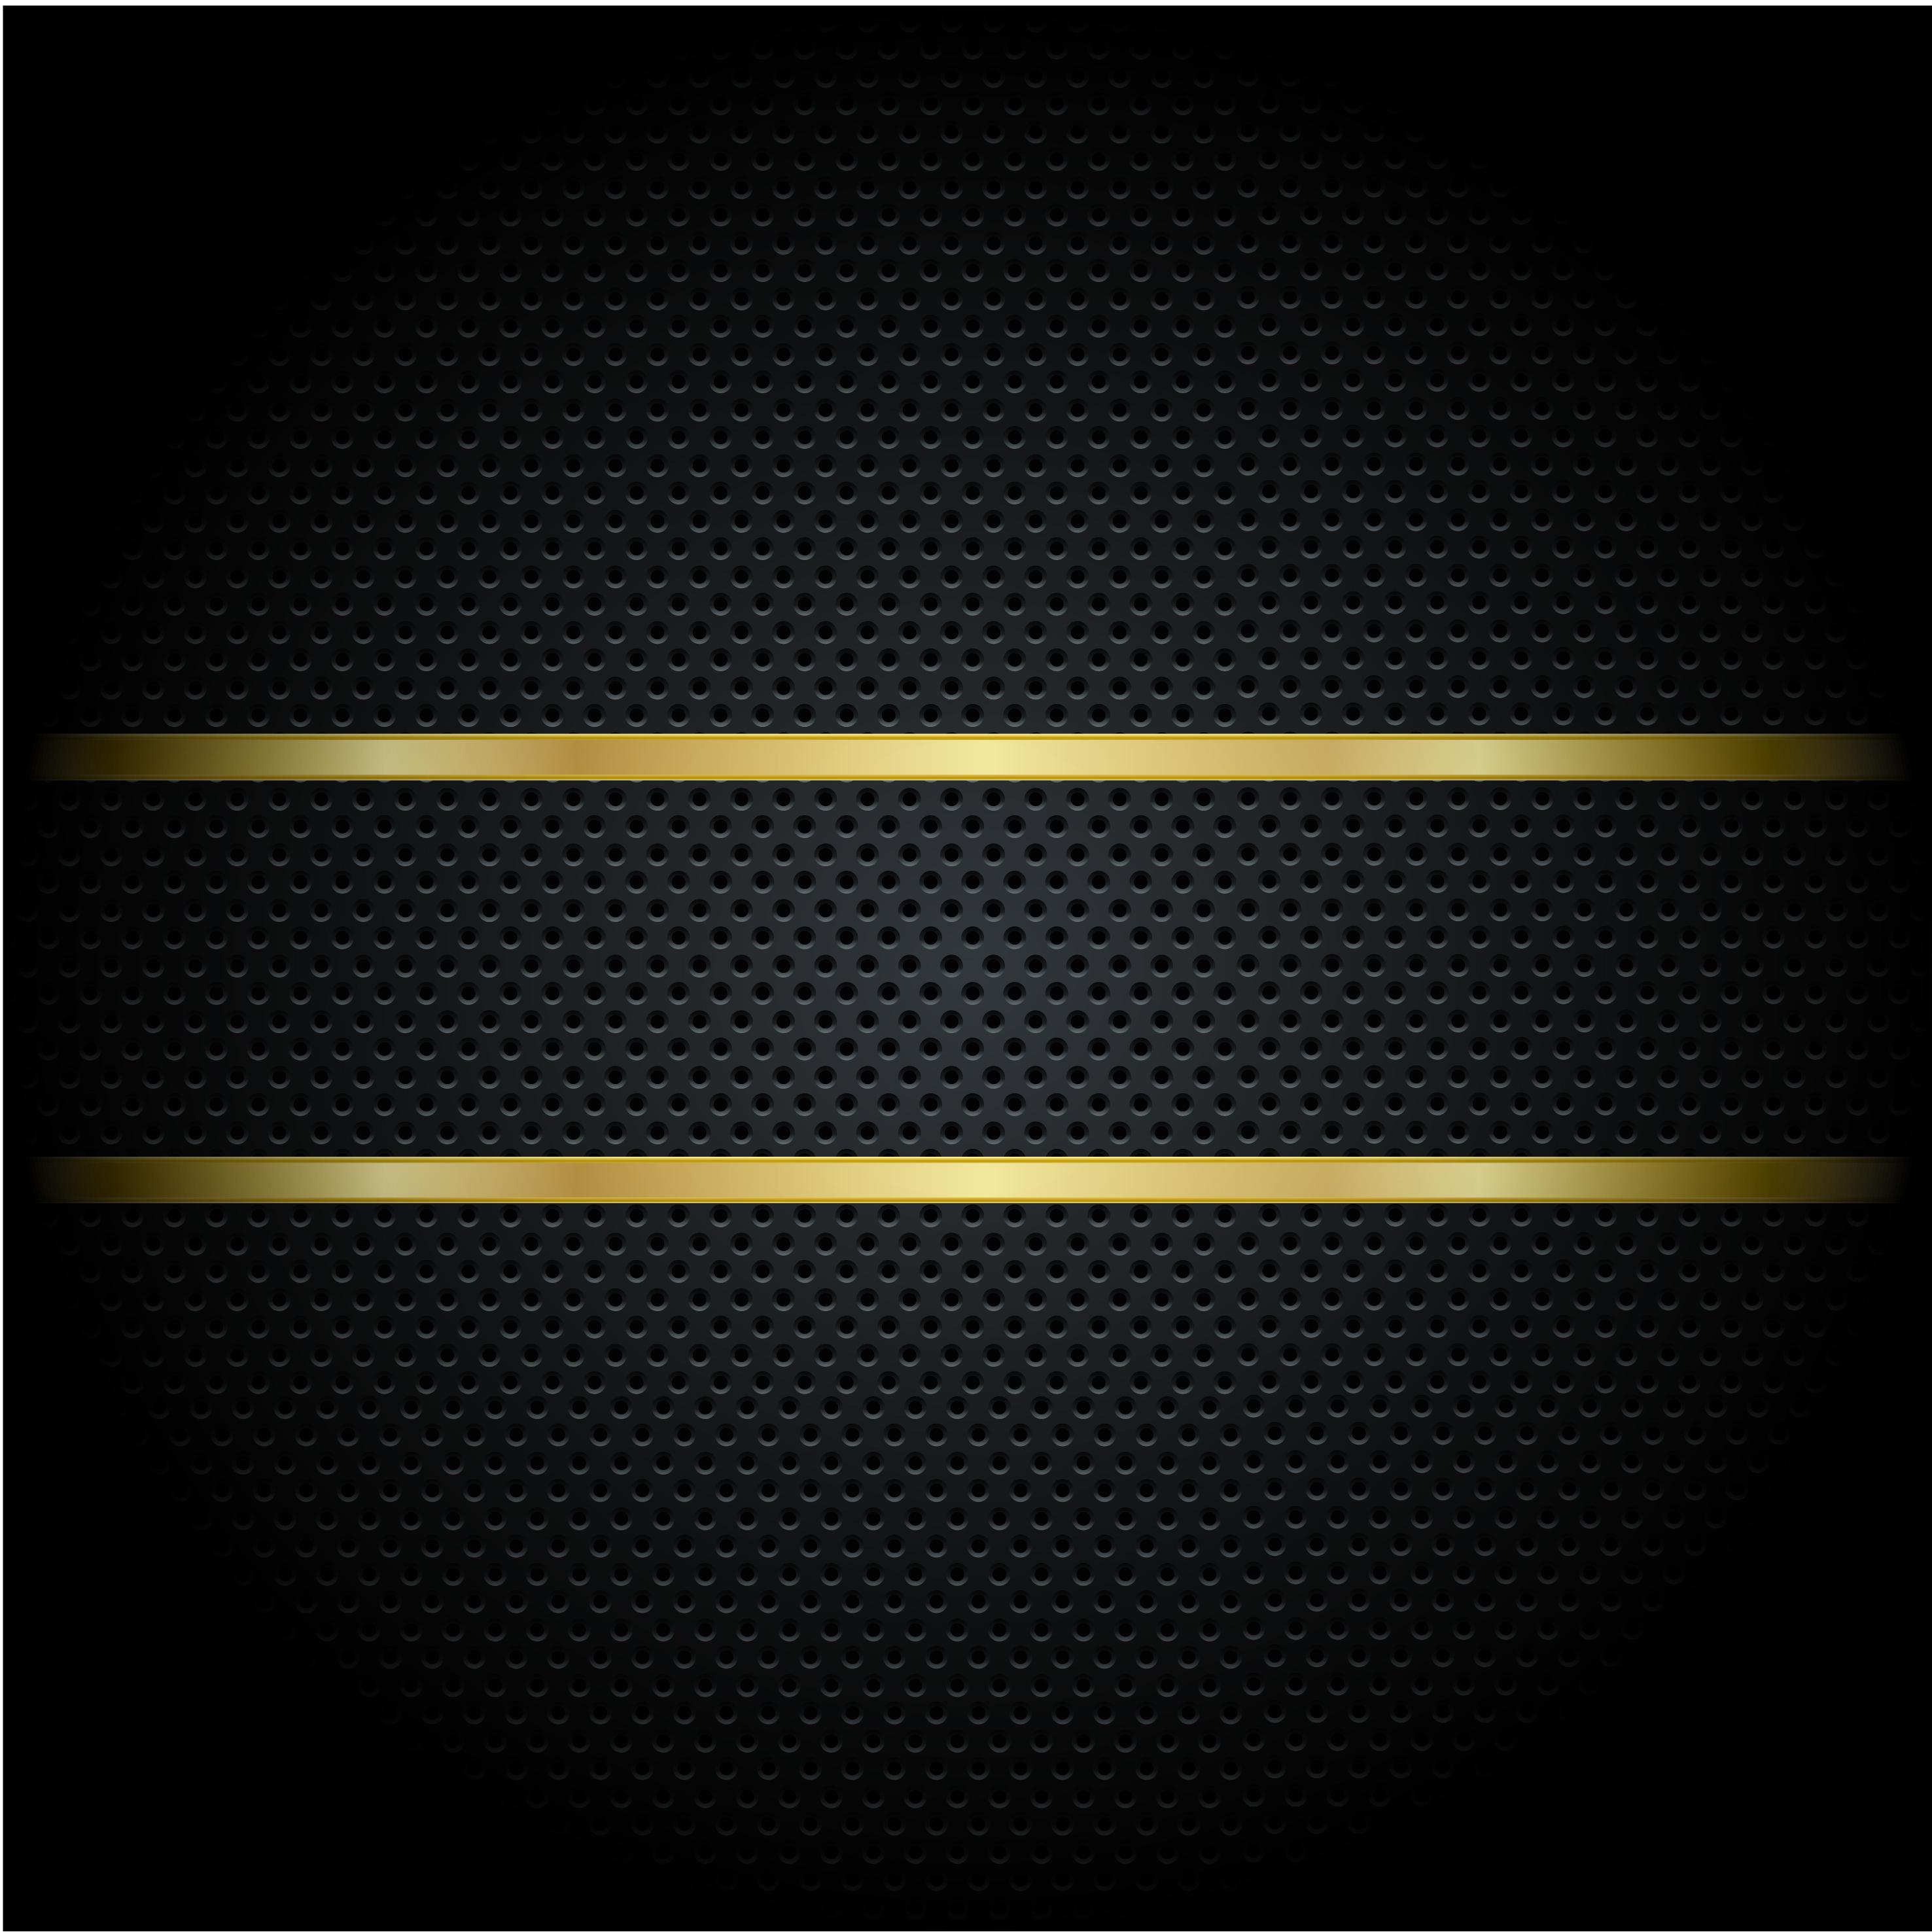 black metal grid golden striped background  black  metal